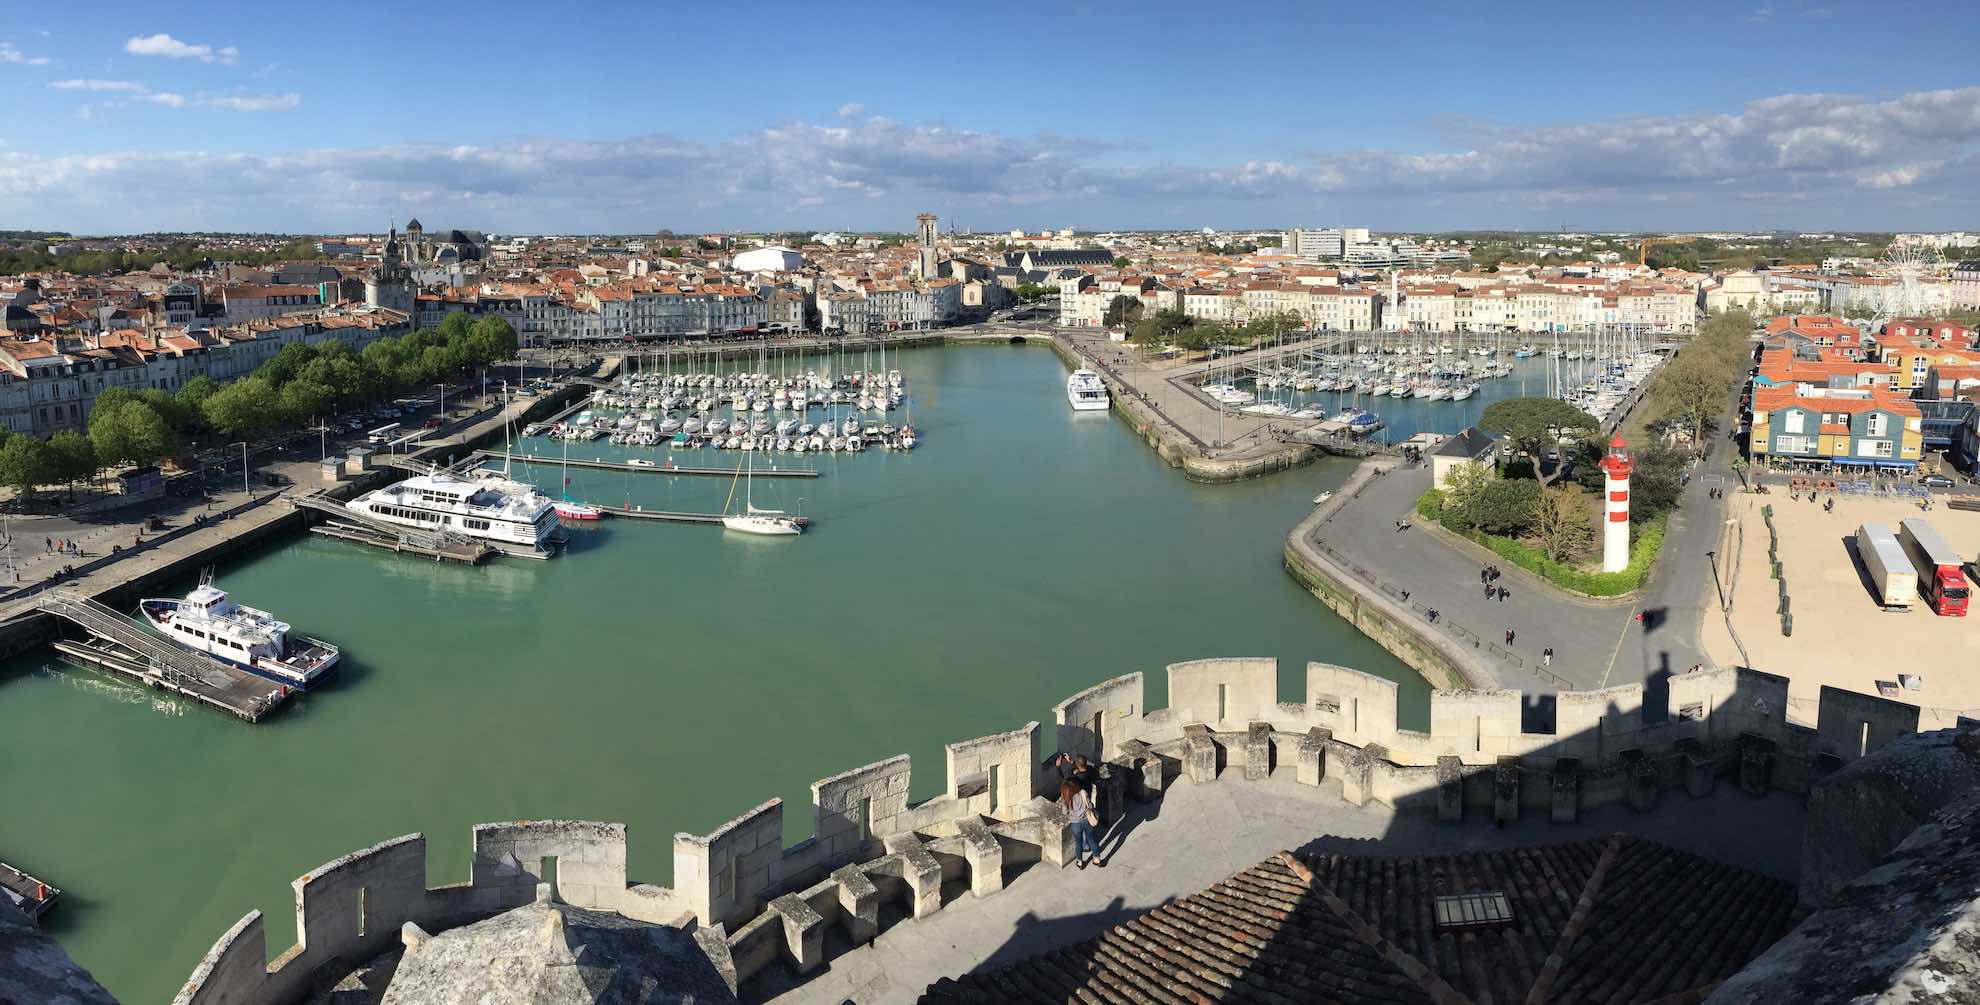 Im 12. Jahrhundert war La Rochelle der grösste Hafen Frankreichs am Atlantik